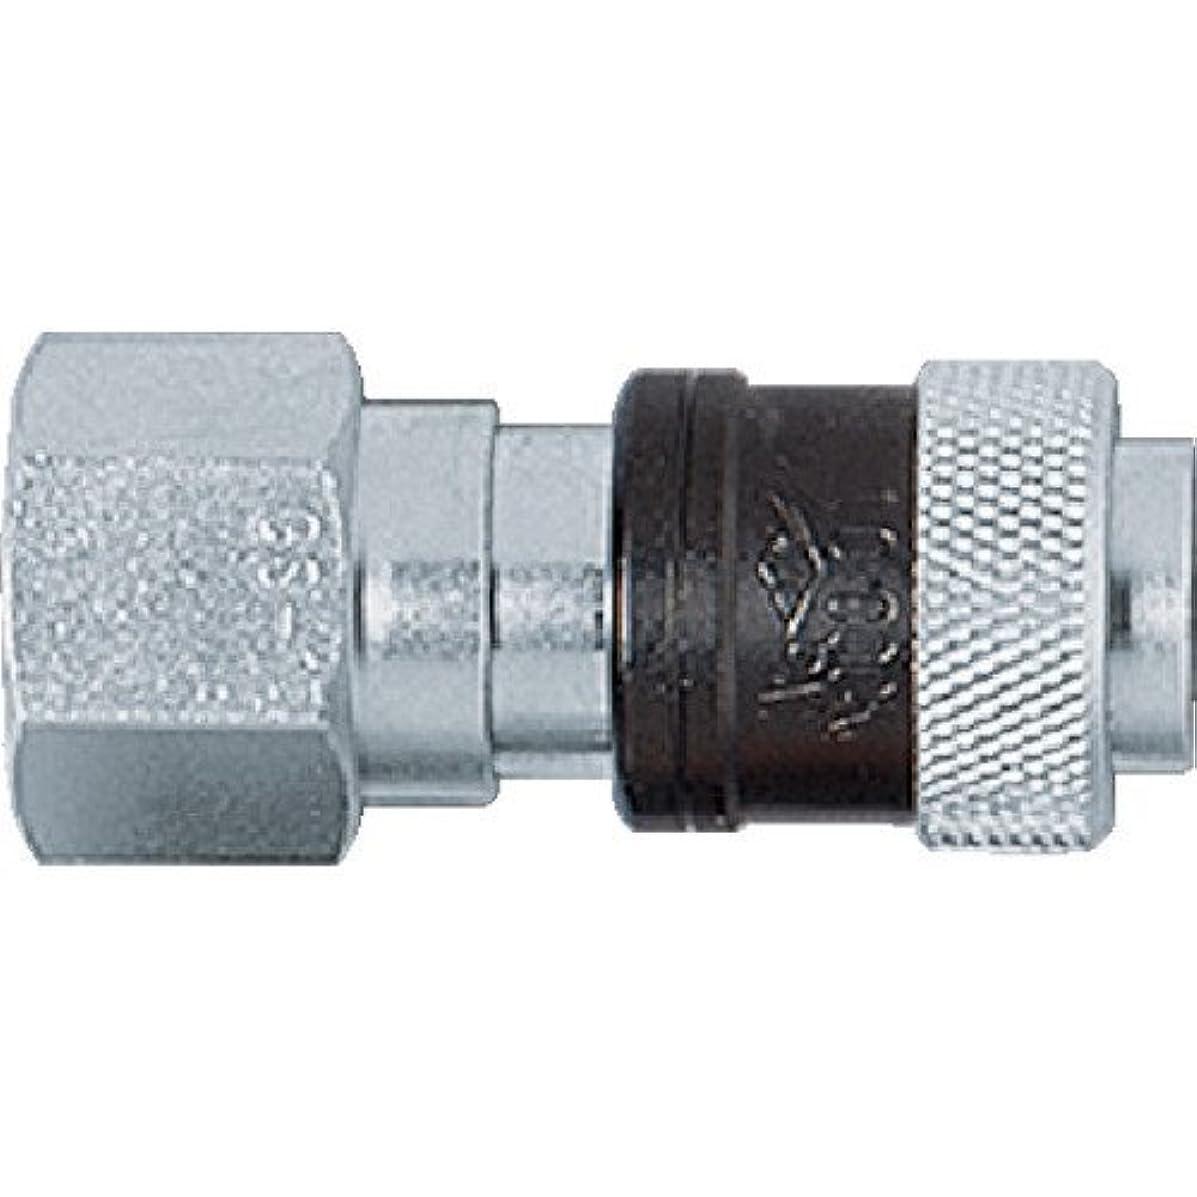 変数仲良しスムーズに小池酸素工業 ソケット アポロコック GS1 接続サイズ:M16×1.5右袋ナット